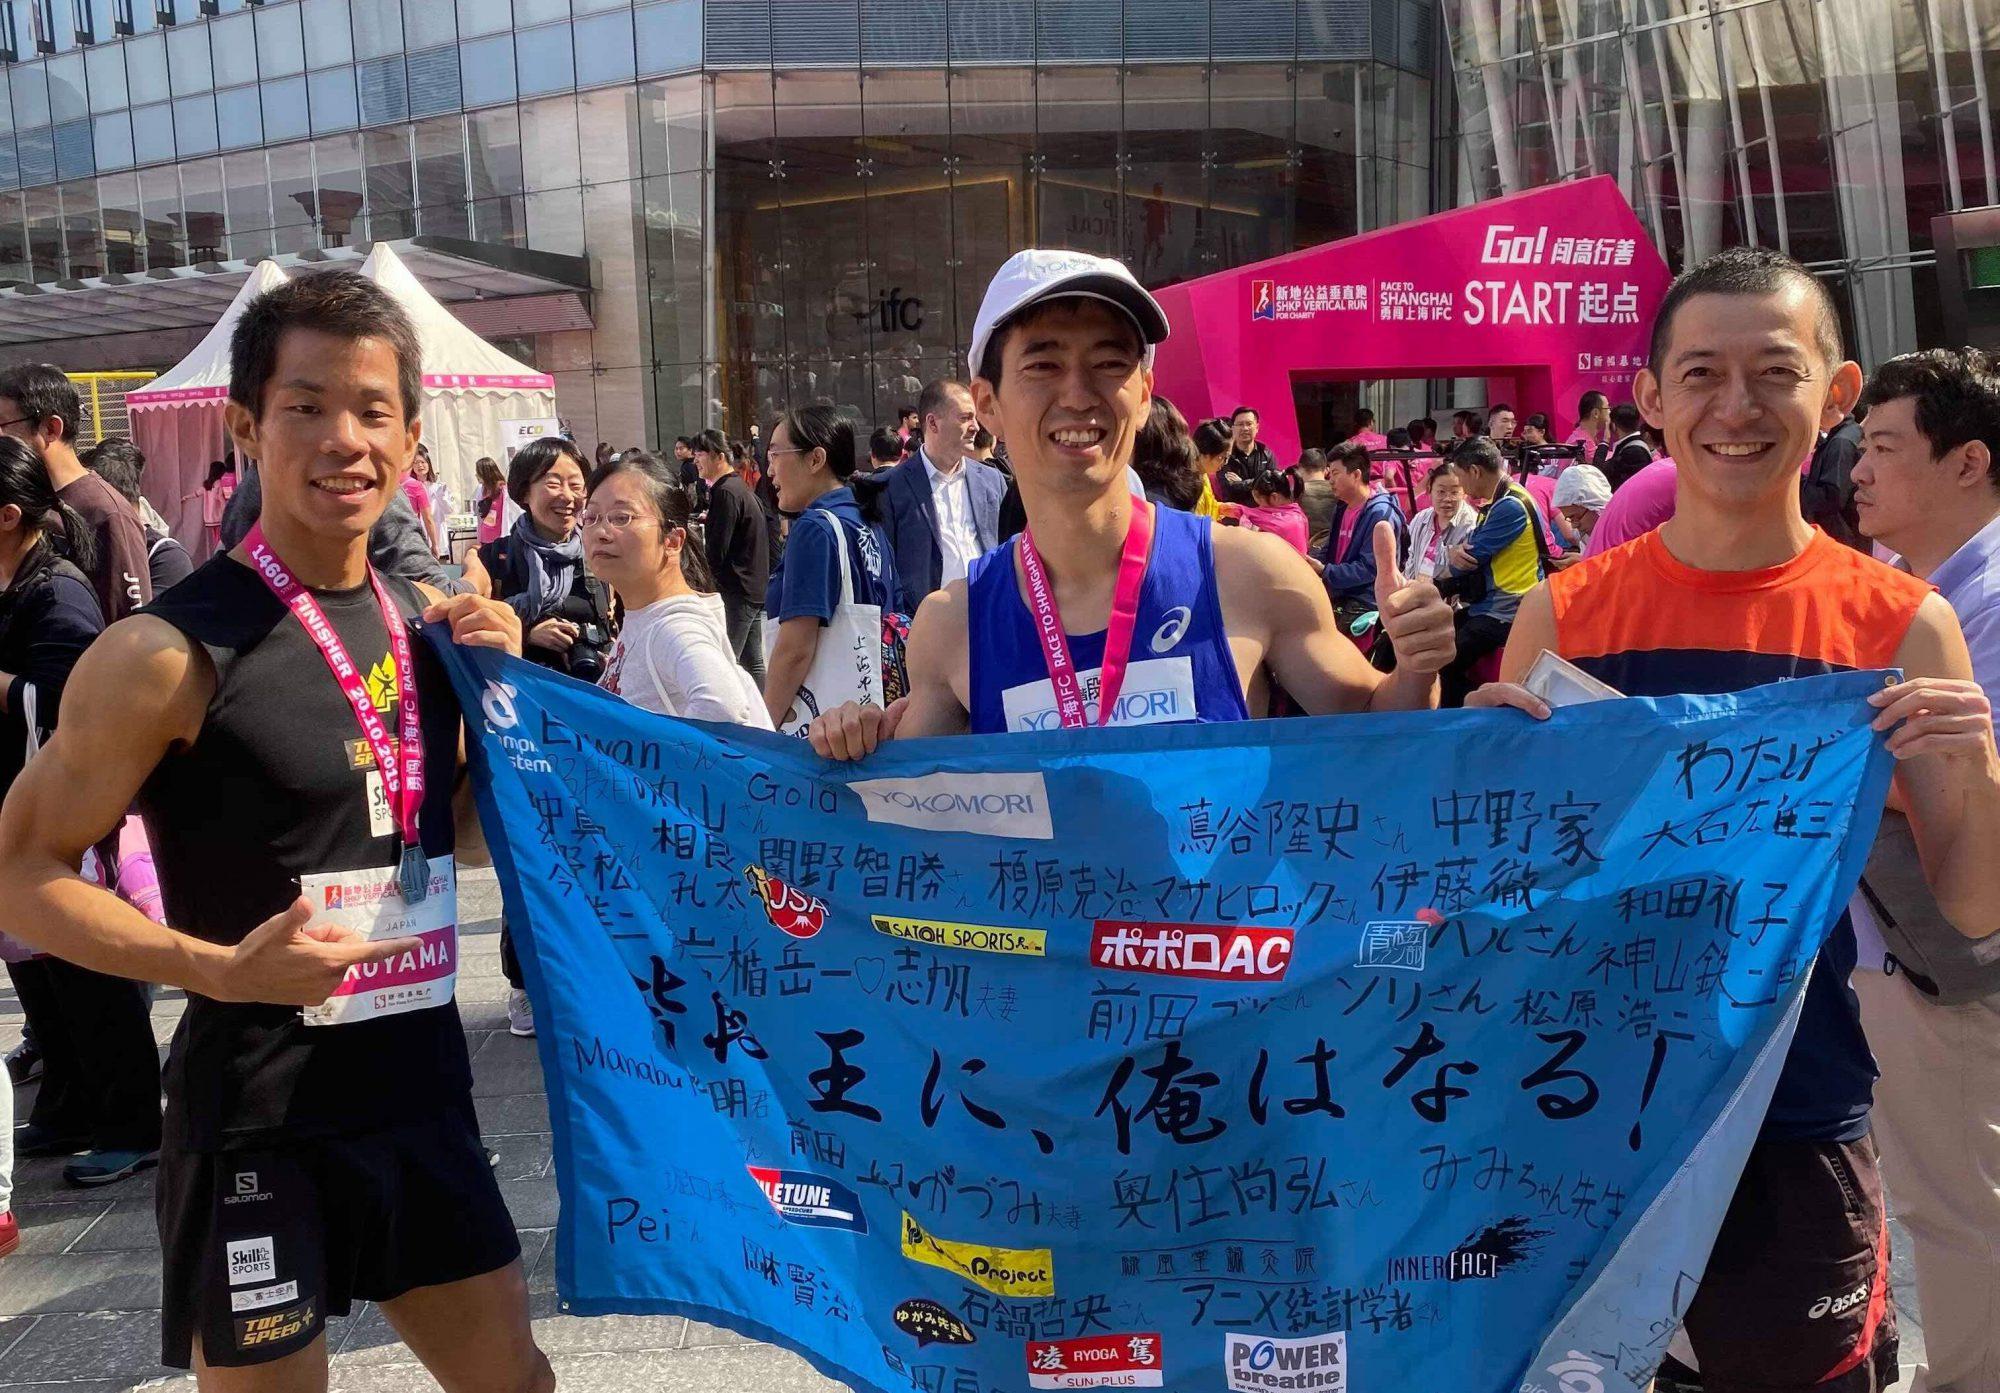 上海大会に挑んだ日本チームの3名。左から小山、渡辺、上杉